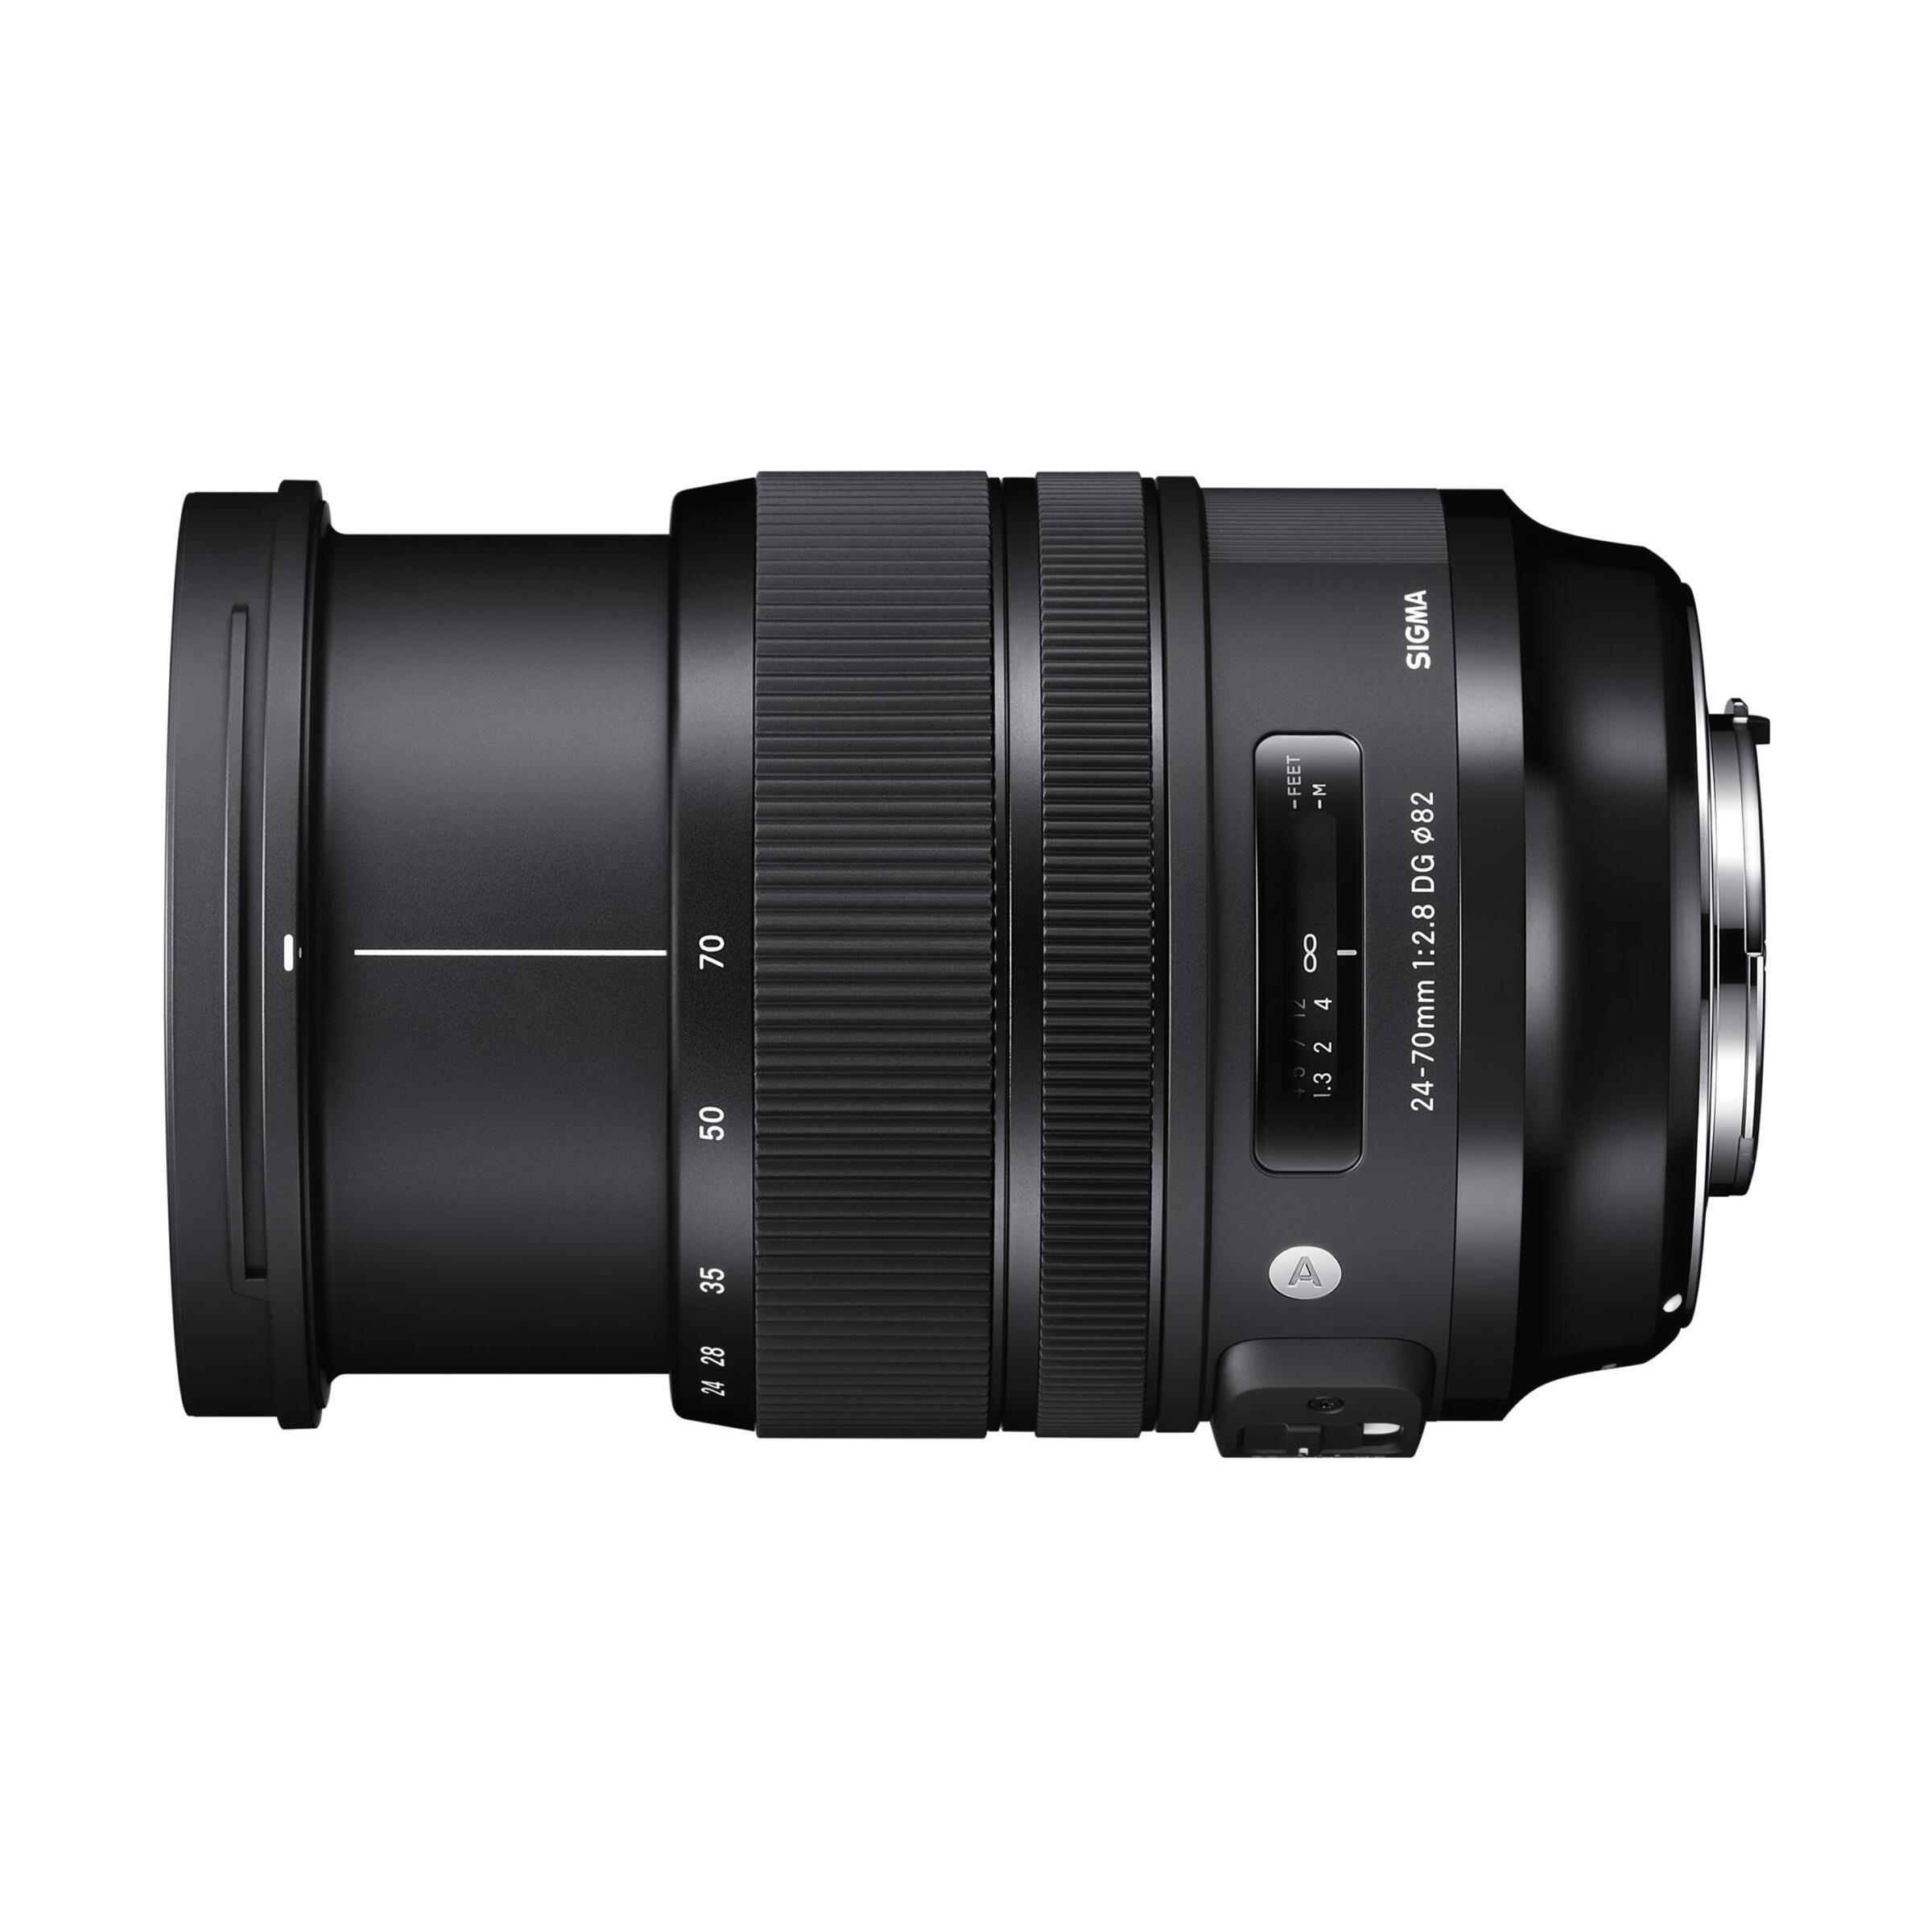 Sigma 24-70mm f/2,8 DG OS HSM Art für Canon EF